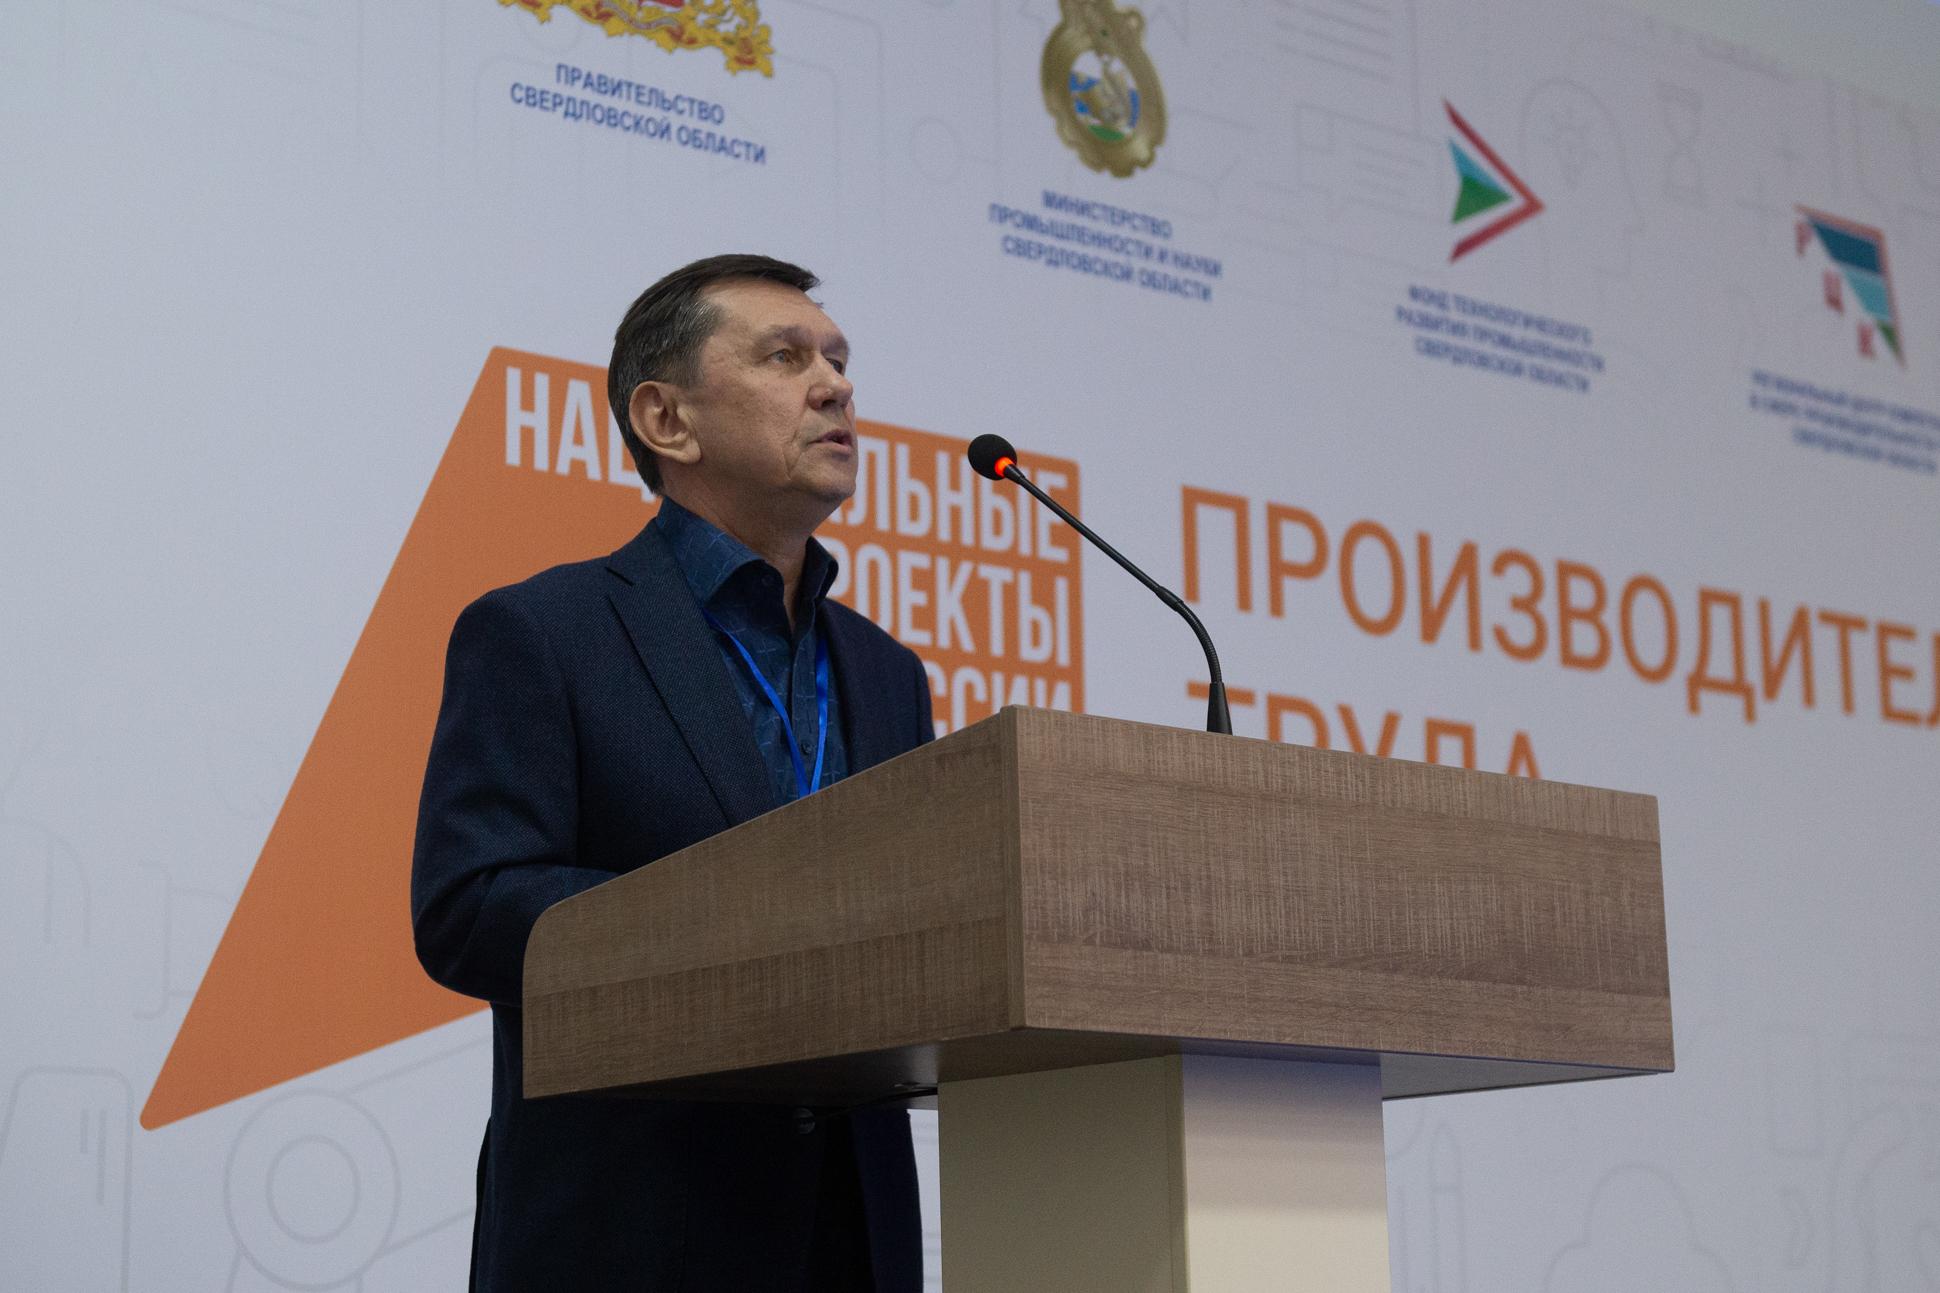 Генеральный директор компании «Здравмедтех-Екатеринбург» Николай Поляков